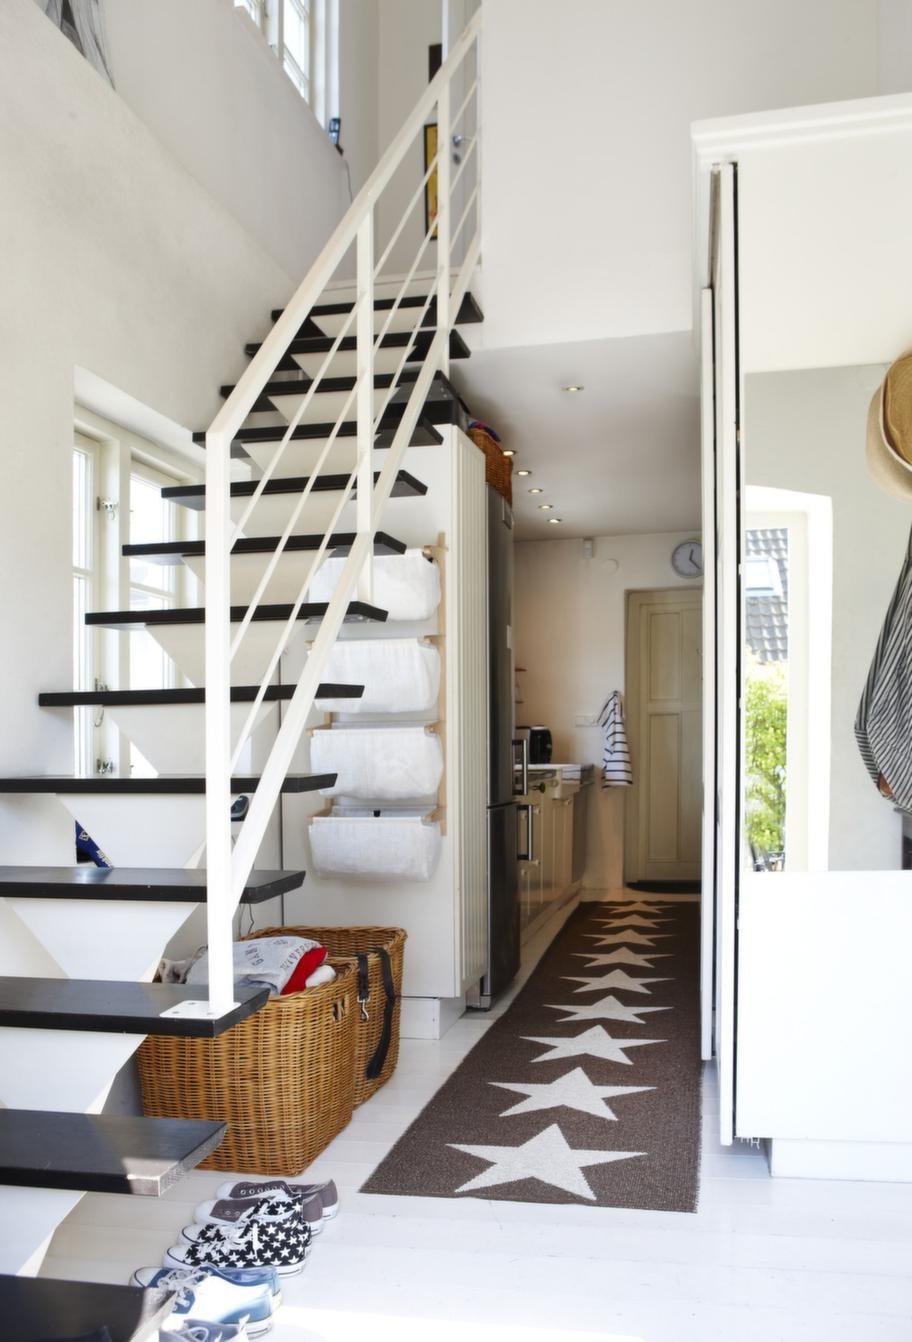 Hallen.<br>Besökaren kliver direkt in i husets hjärta. En luftig trappa leder upp till ovanvåningen, en stjärnbeströdd Pappelinamatta visar vägen till köket.